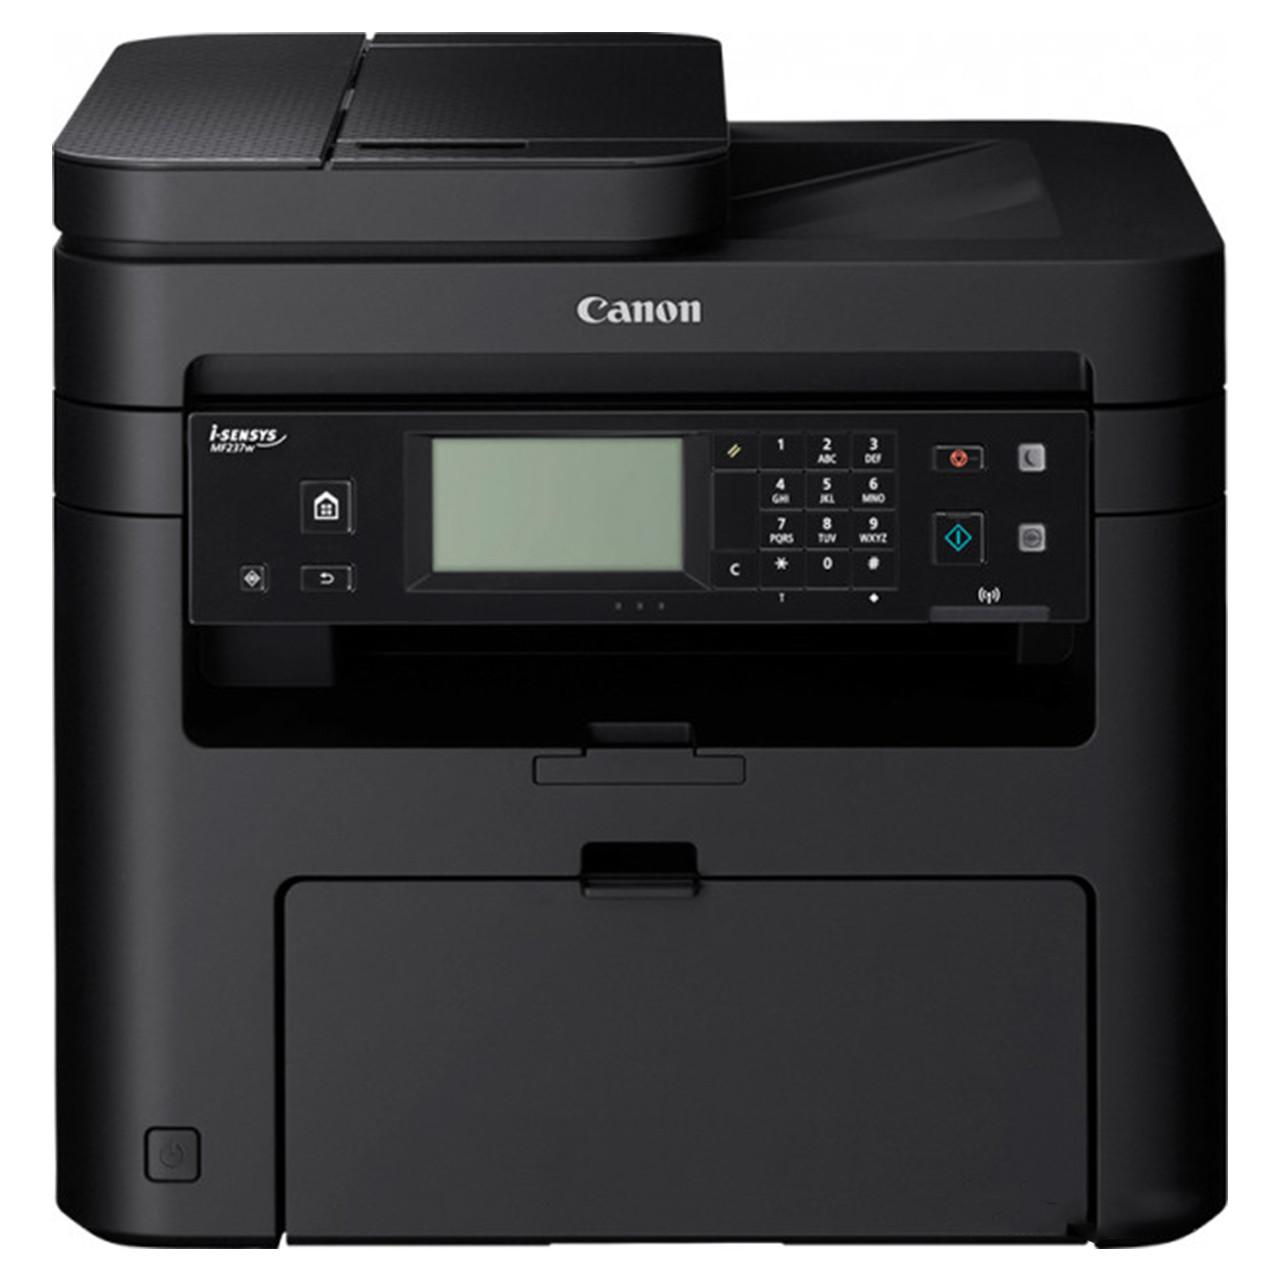 БФП CANON i-SENSYS MF237w c Wi-Fi (1418C122) лазерний друк чорно-біла принтер сканер вбудований факс